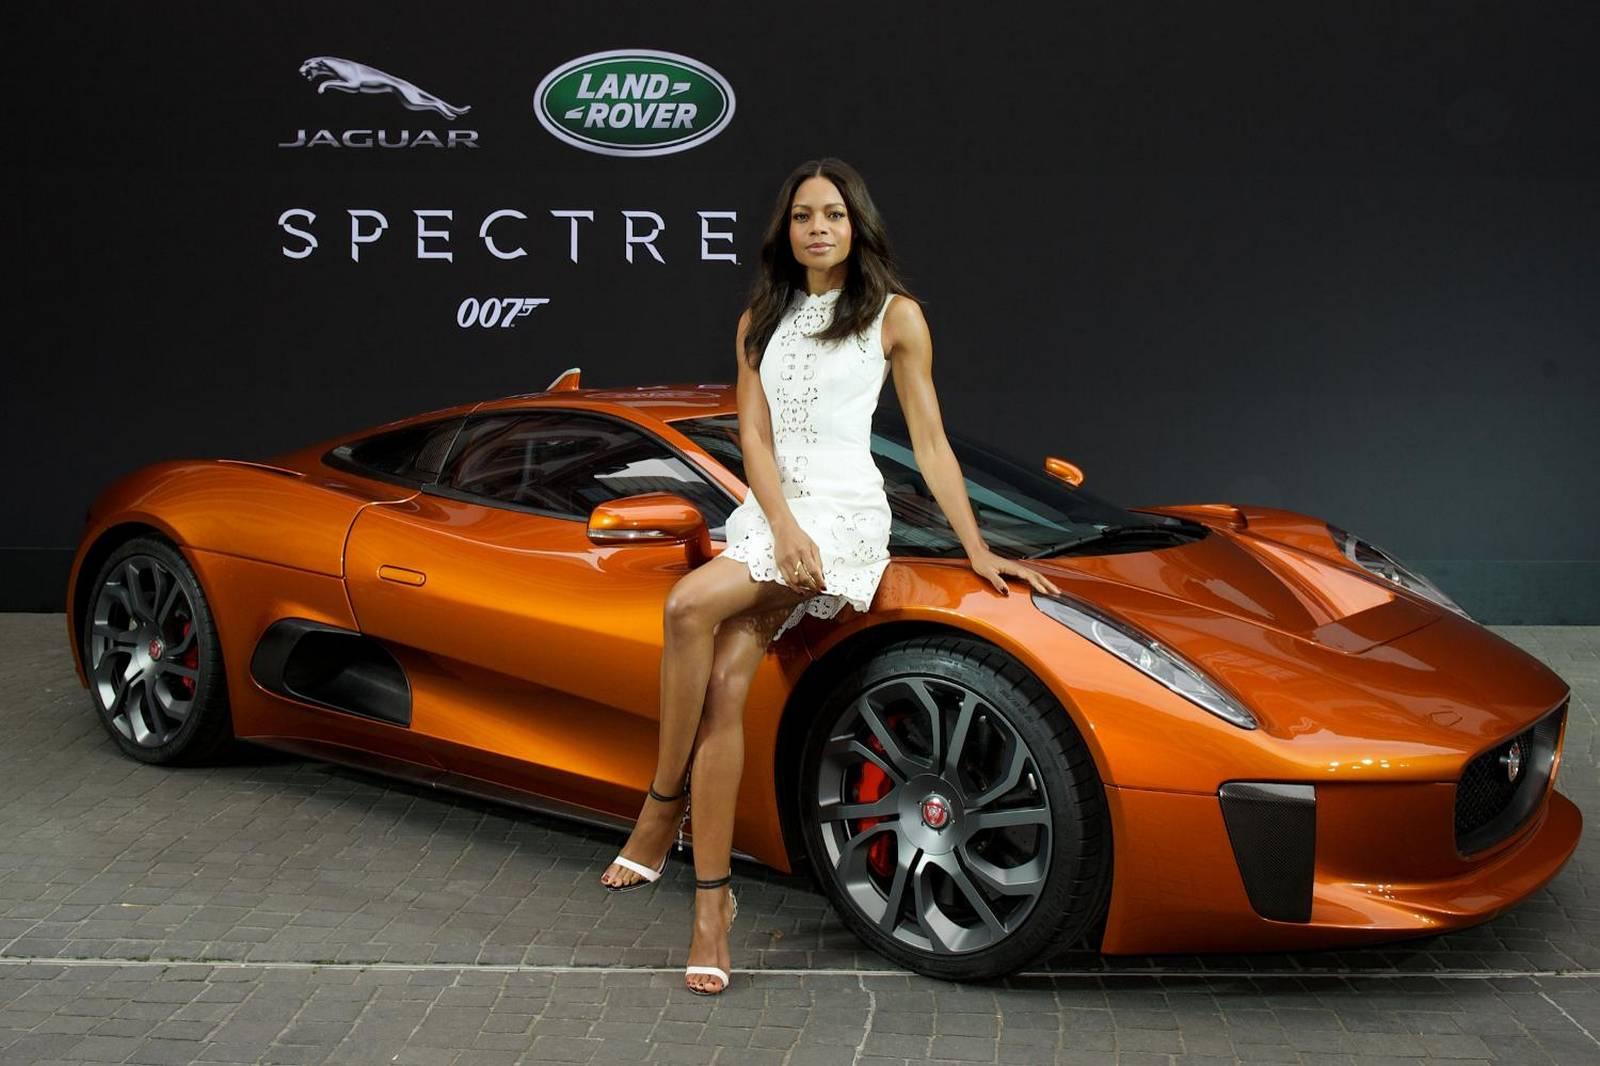 jaguar land rover bond cars from spectre revealed gtspirit. Black Bedroom Furniture Sets. Home Design Ideas